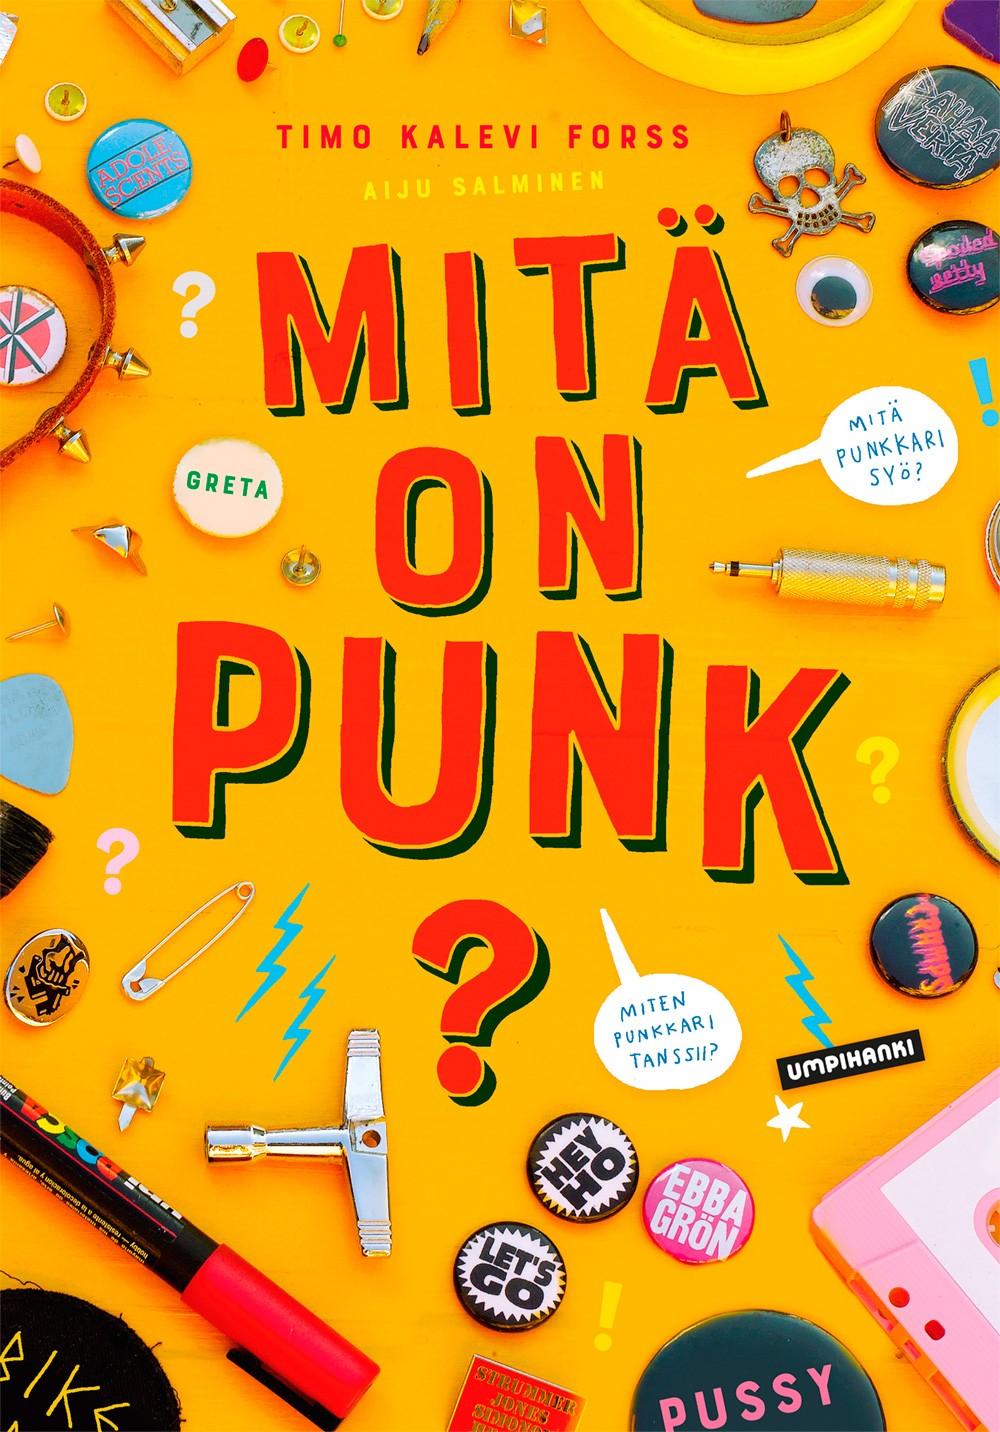 Mitä on punk? Siitä ilmestyi nyt tietokirja lapsille